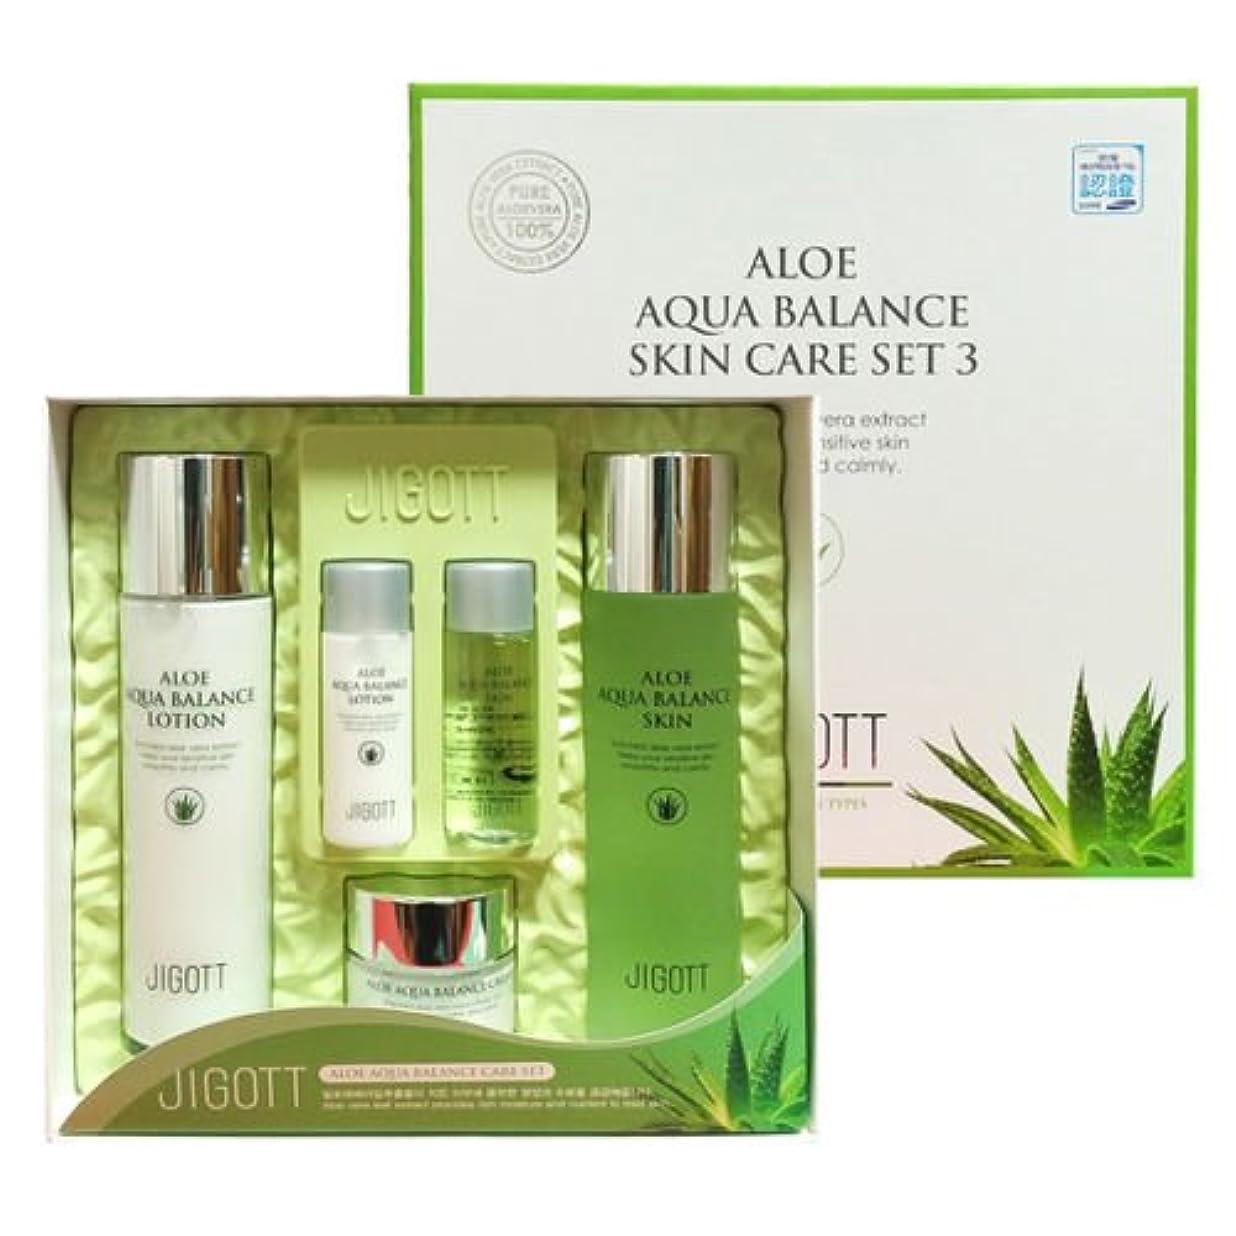 冷える協同汚すジゴトゥ[韓国コスメJigott]Aloe Aqua Balance Skin Care 3 Set アロエアクアバランススキンケア3セット樹液,乳液,クリーム [並行輸入品]